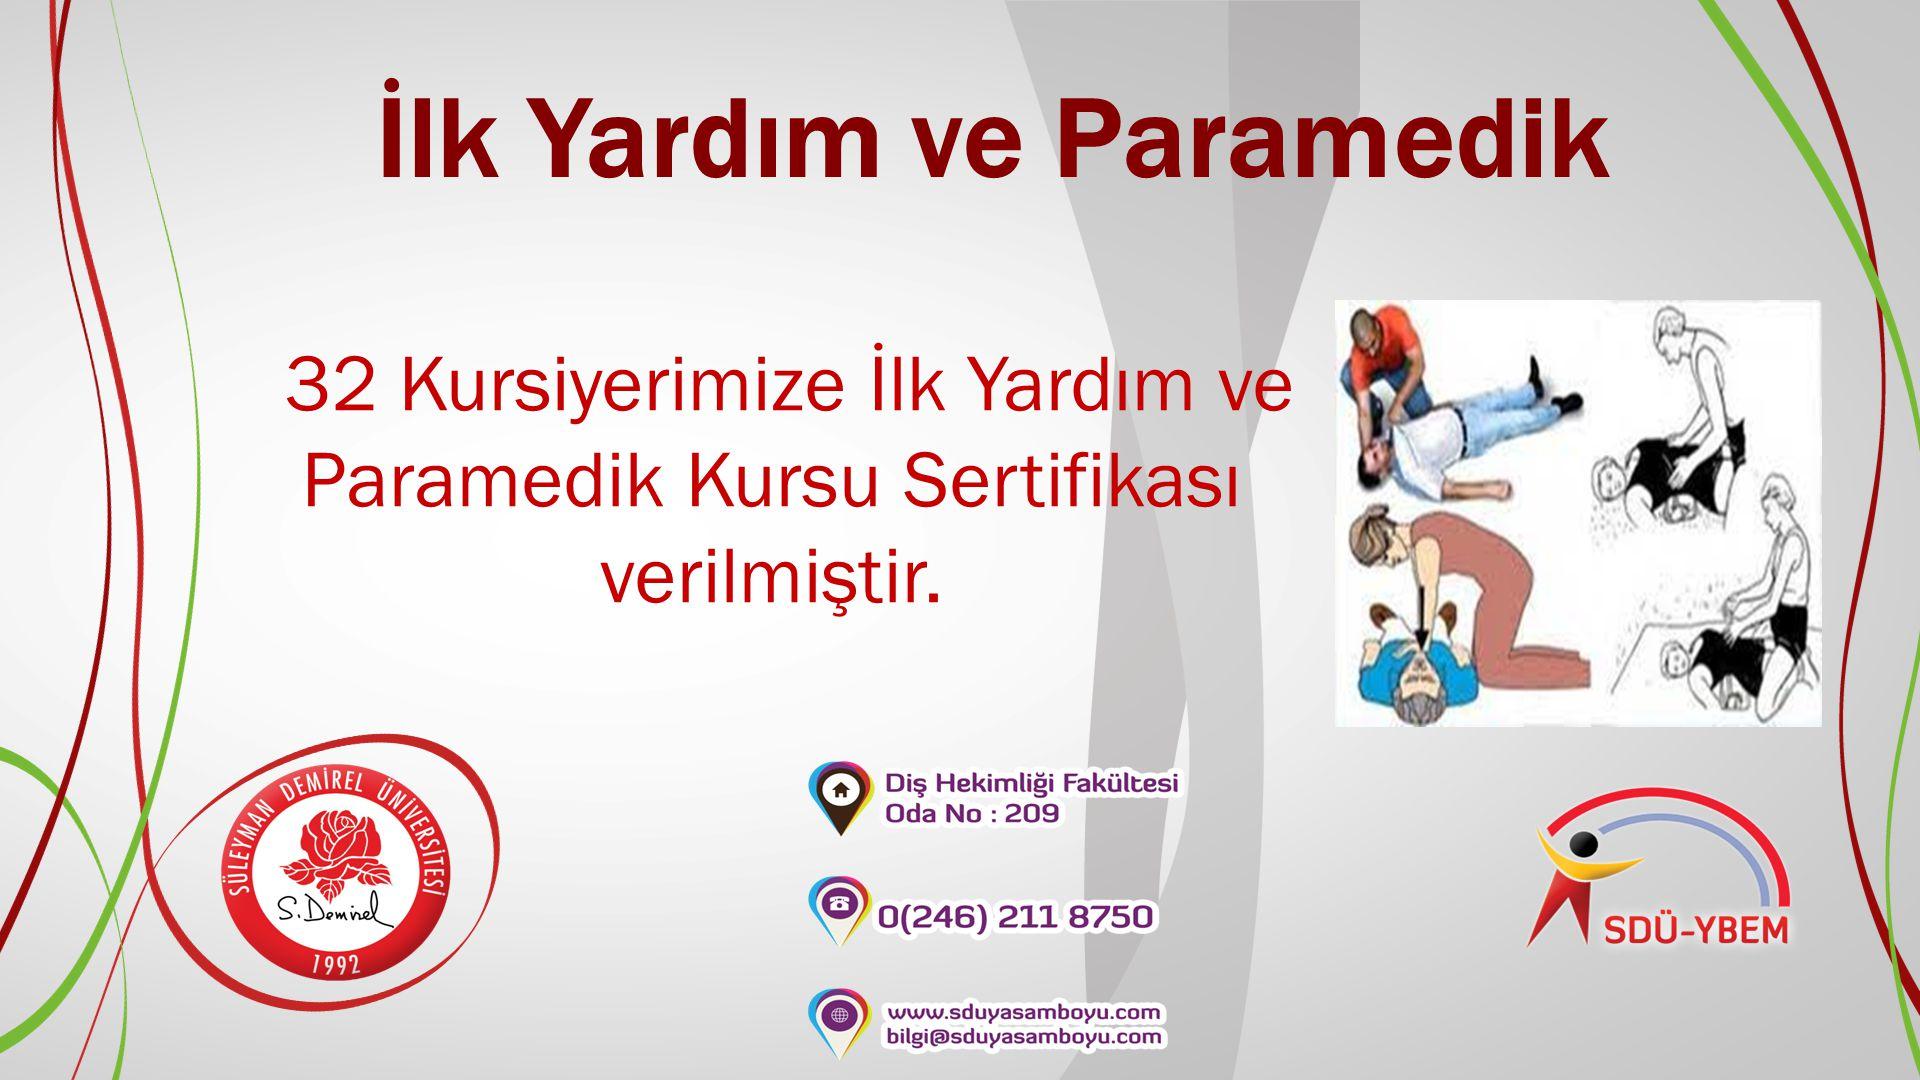 İlk Yardım ve Paramedik 32 Kursiyerimize İlk Yardım ve Paramedik Kursu Sertifikası verilmiştir.